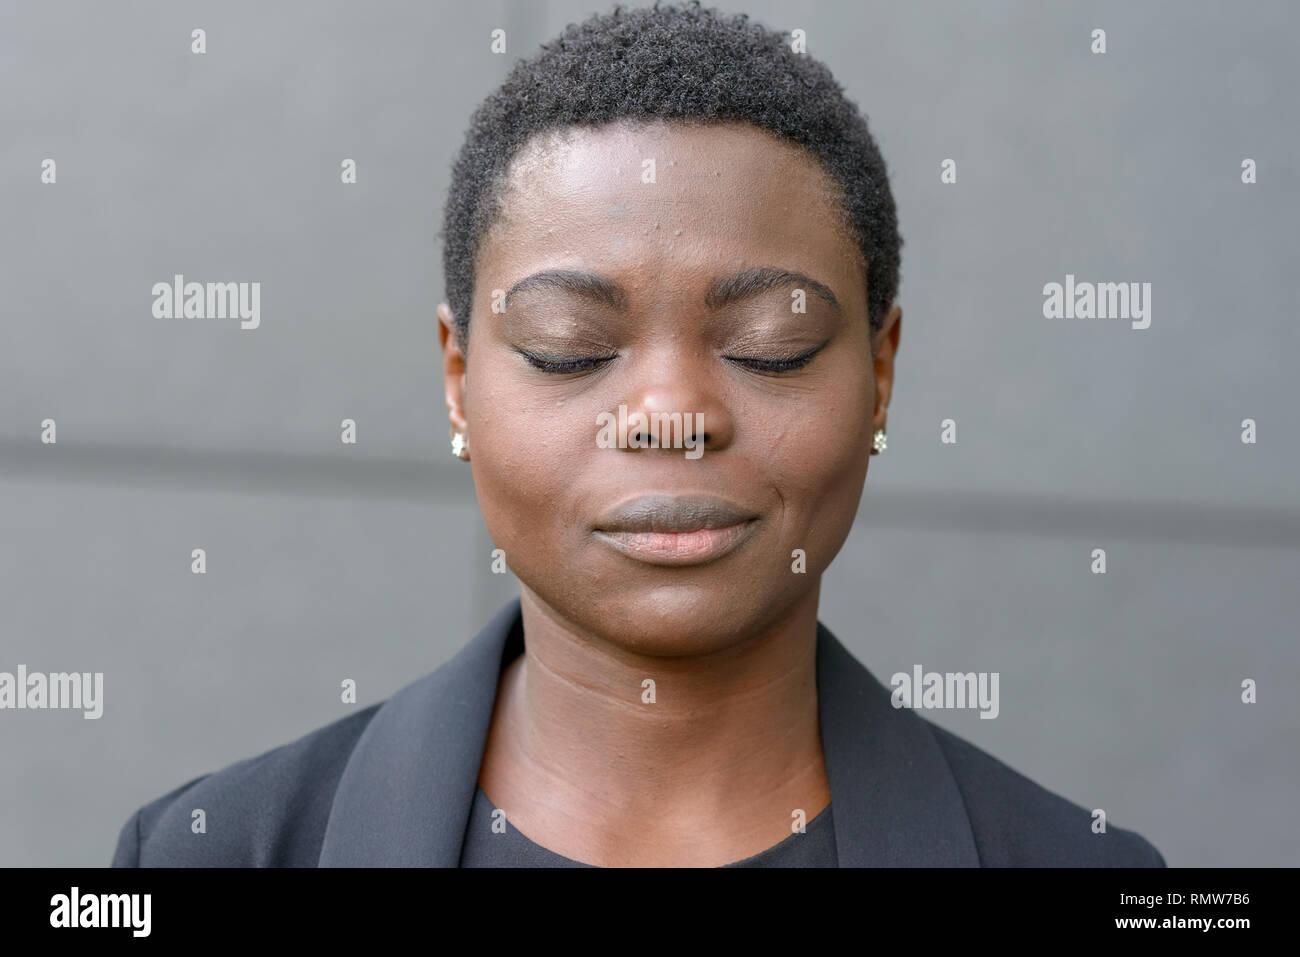 Immagini di donna nera